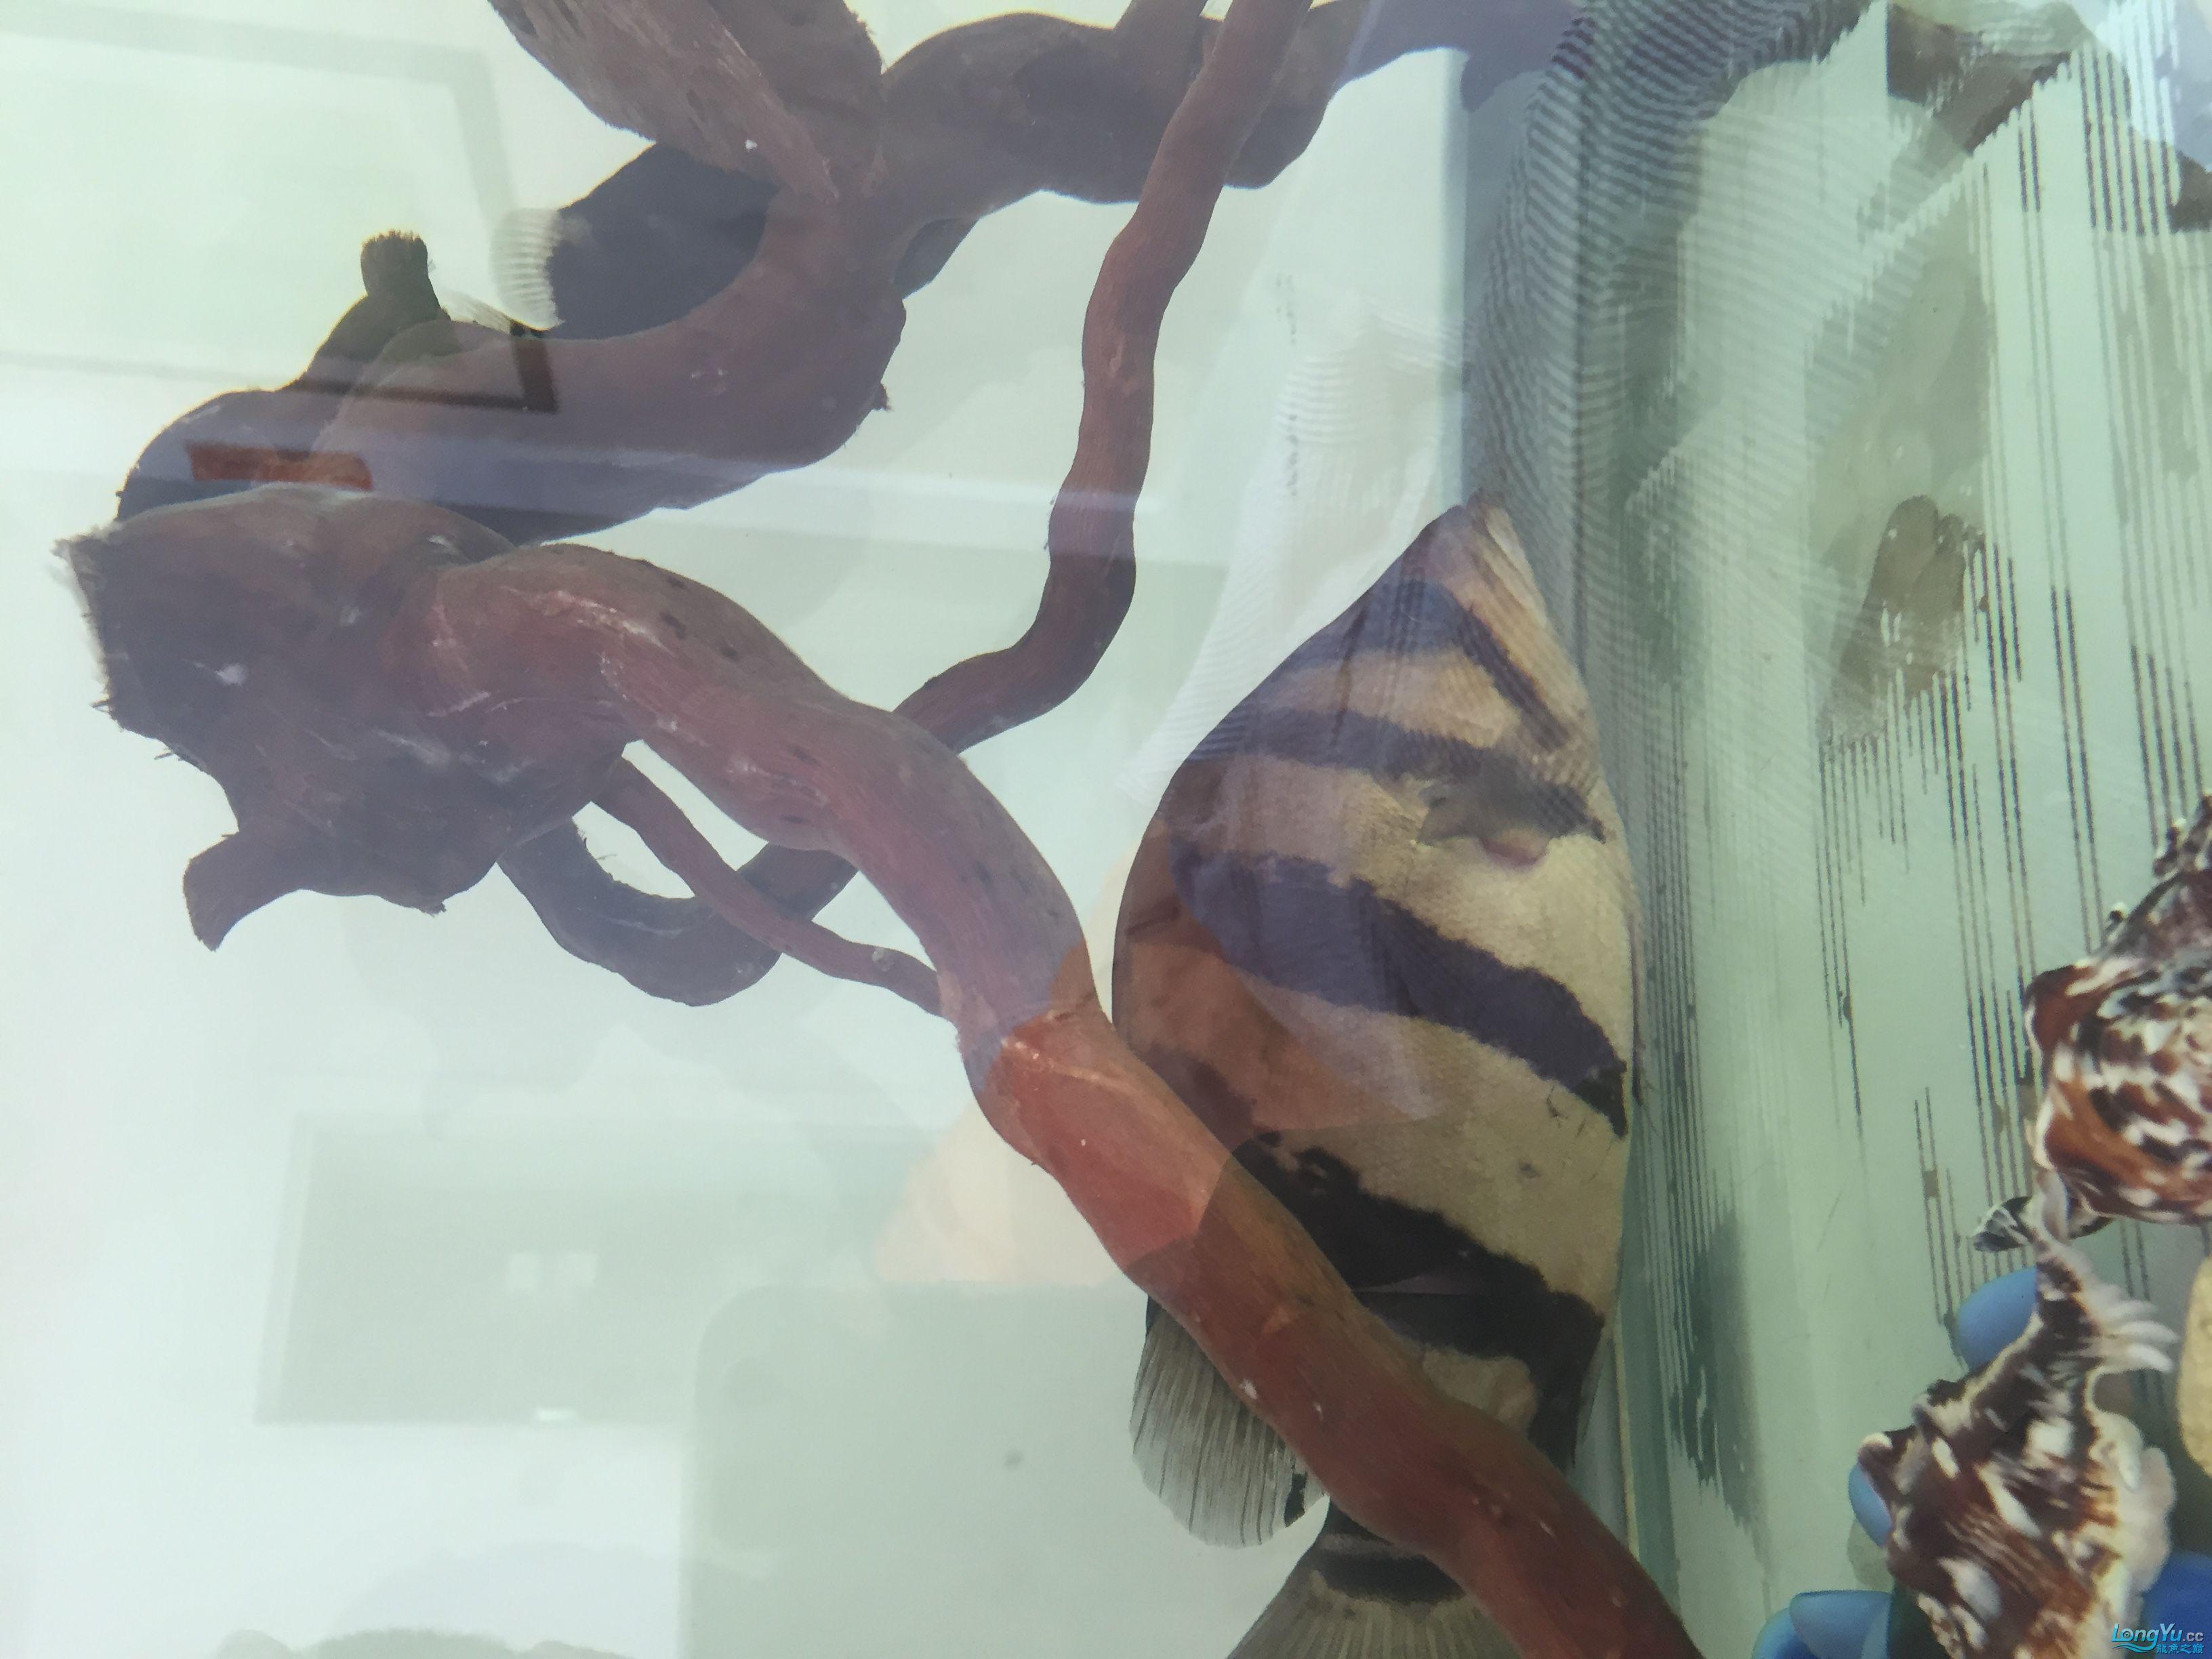 西安黑云鱼好养吗印尼虎长明最简单最粗暴的方法 西安龙鱼论坛 西安博特第2张